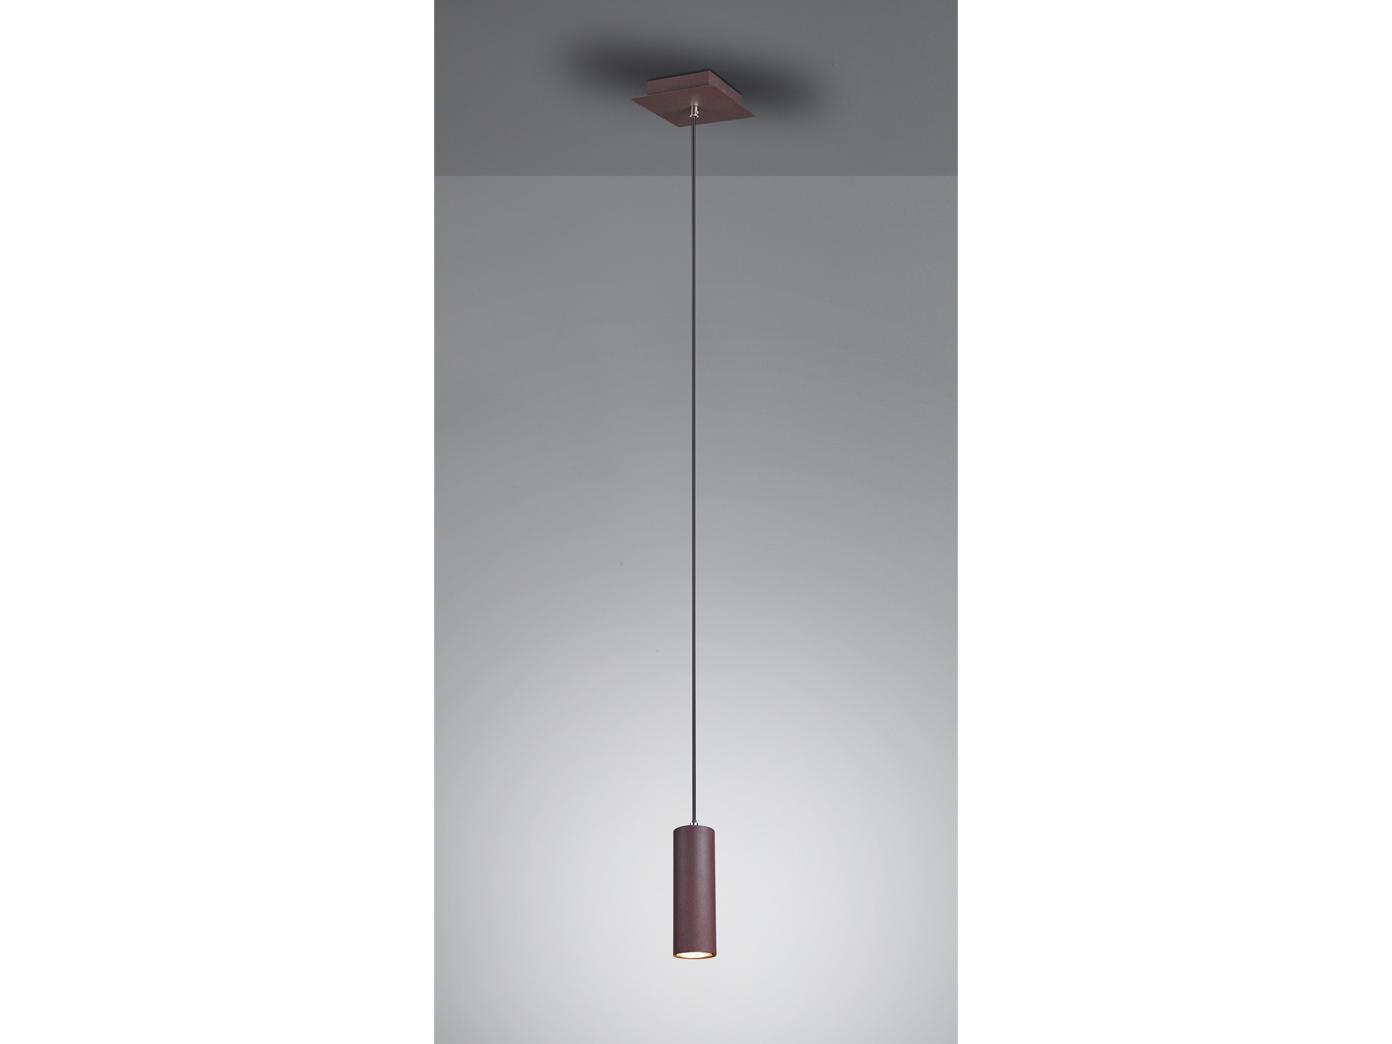 LED Pendelleuchte für Wohnzimmer, Schlafzimmer, Küche & Flur, Metall  rostfarbig